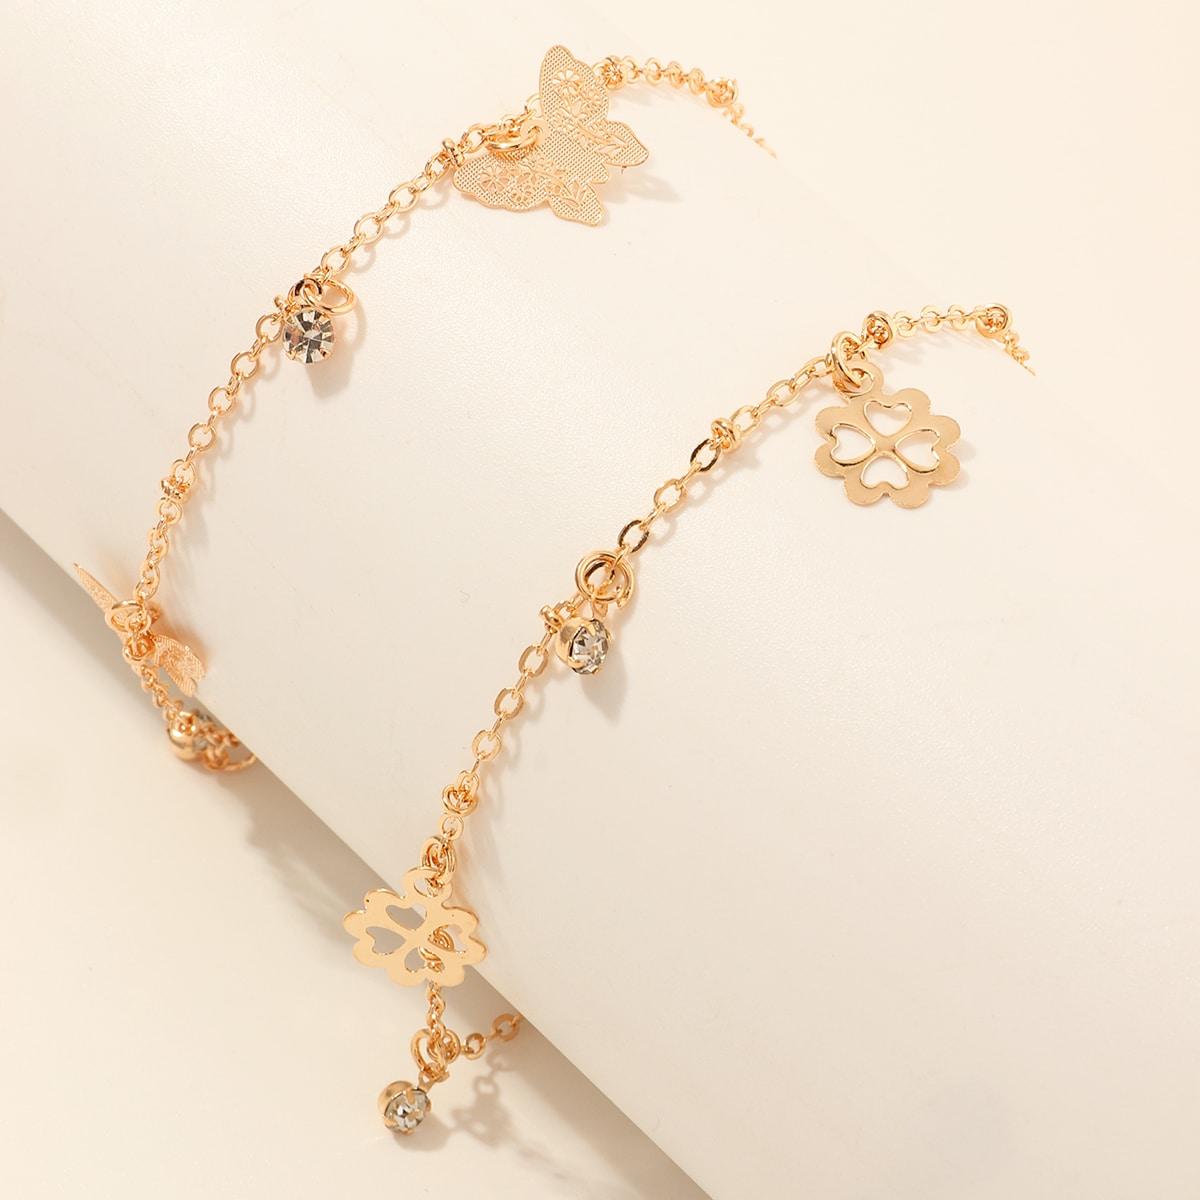 SHEIN / 2 Stücke Mädchen Fußkette mit Schmetterling Anhänger